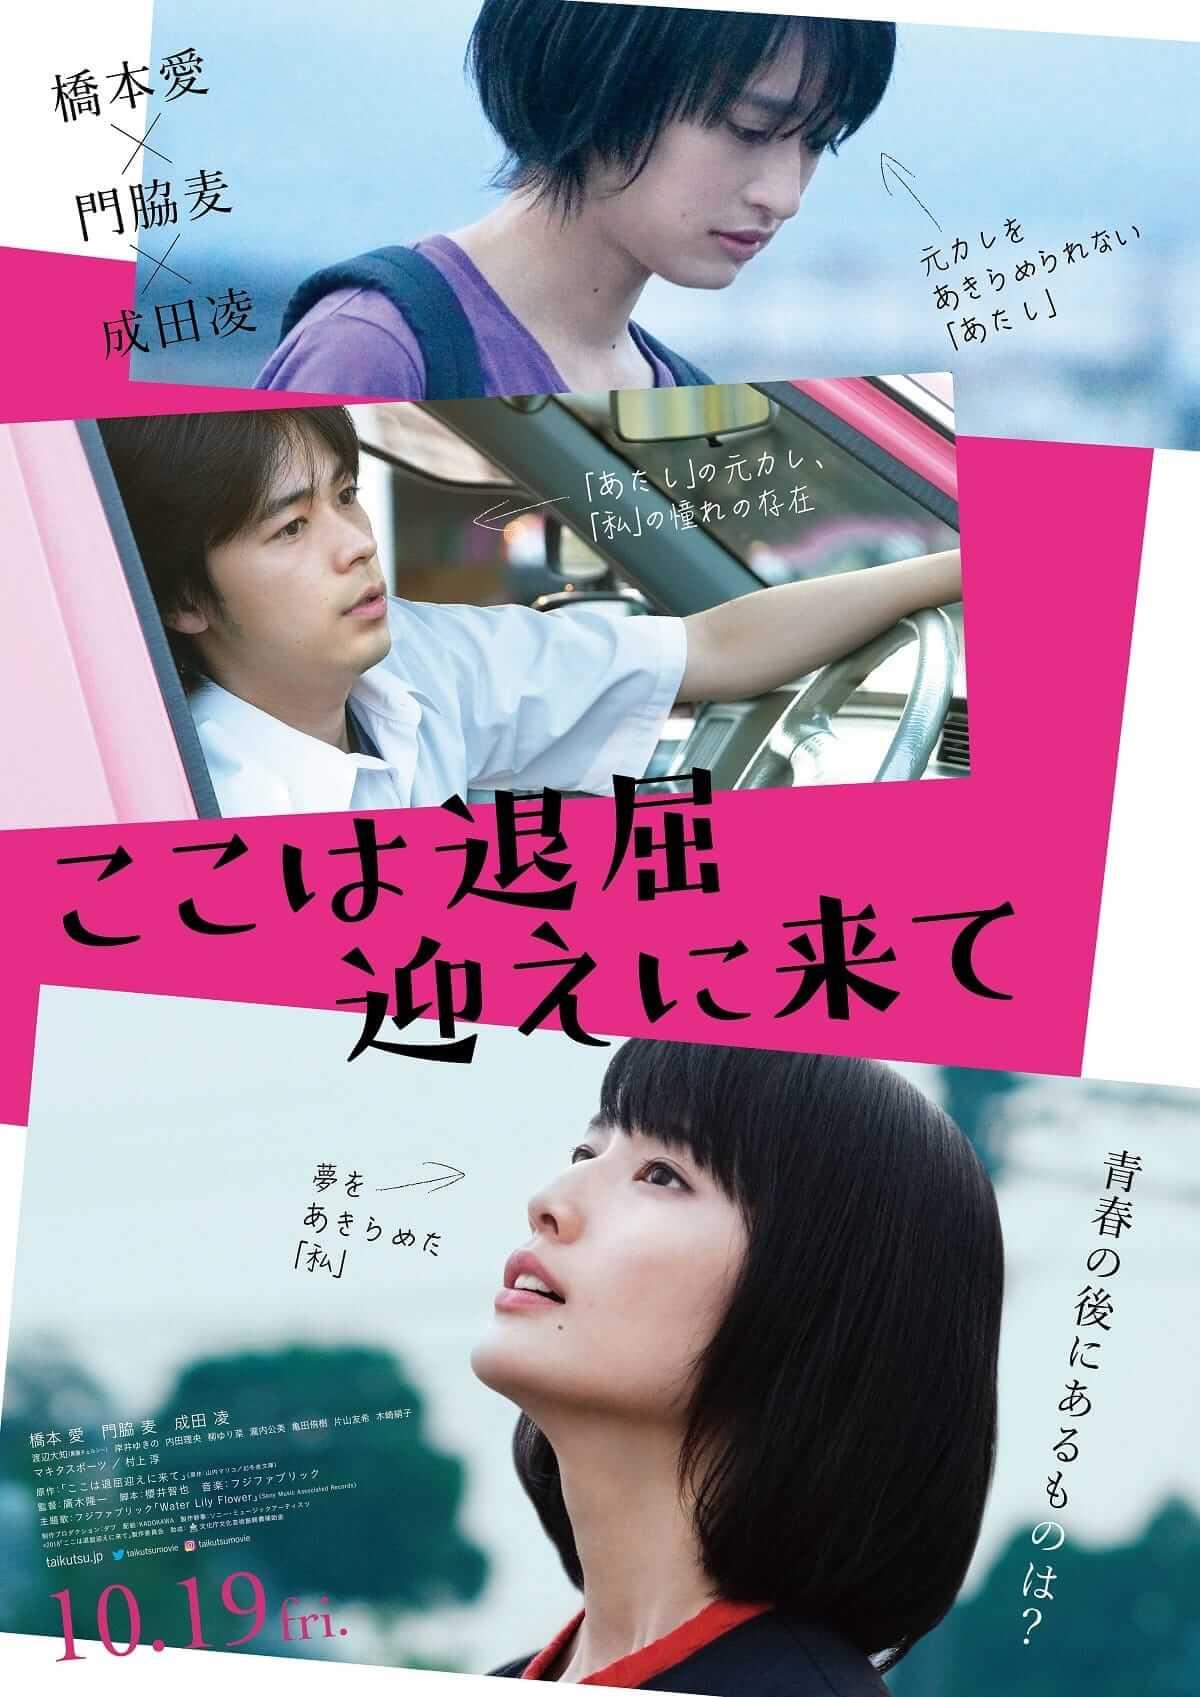 映画『ここは退屈迎えに来て』予告編公開 !フジファブリックの書き下ろし主題歌決定 film180703_taikutsu_02-1200x1697